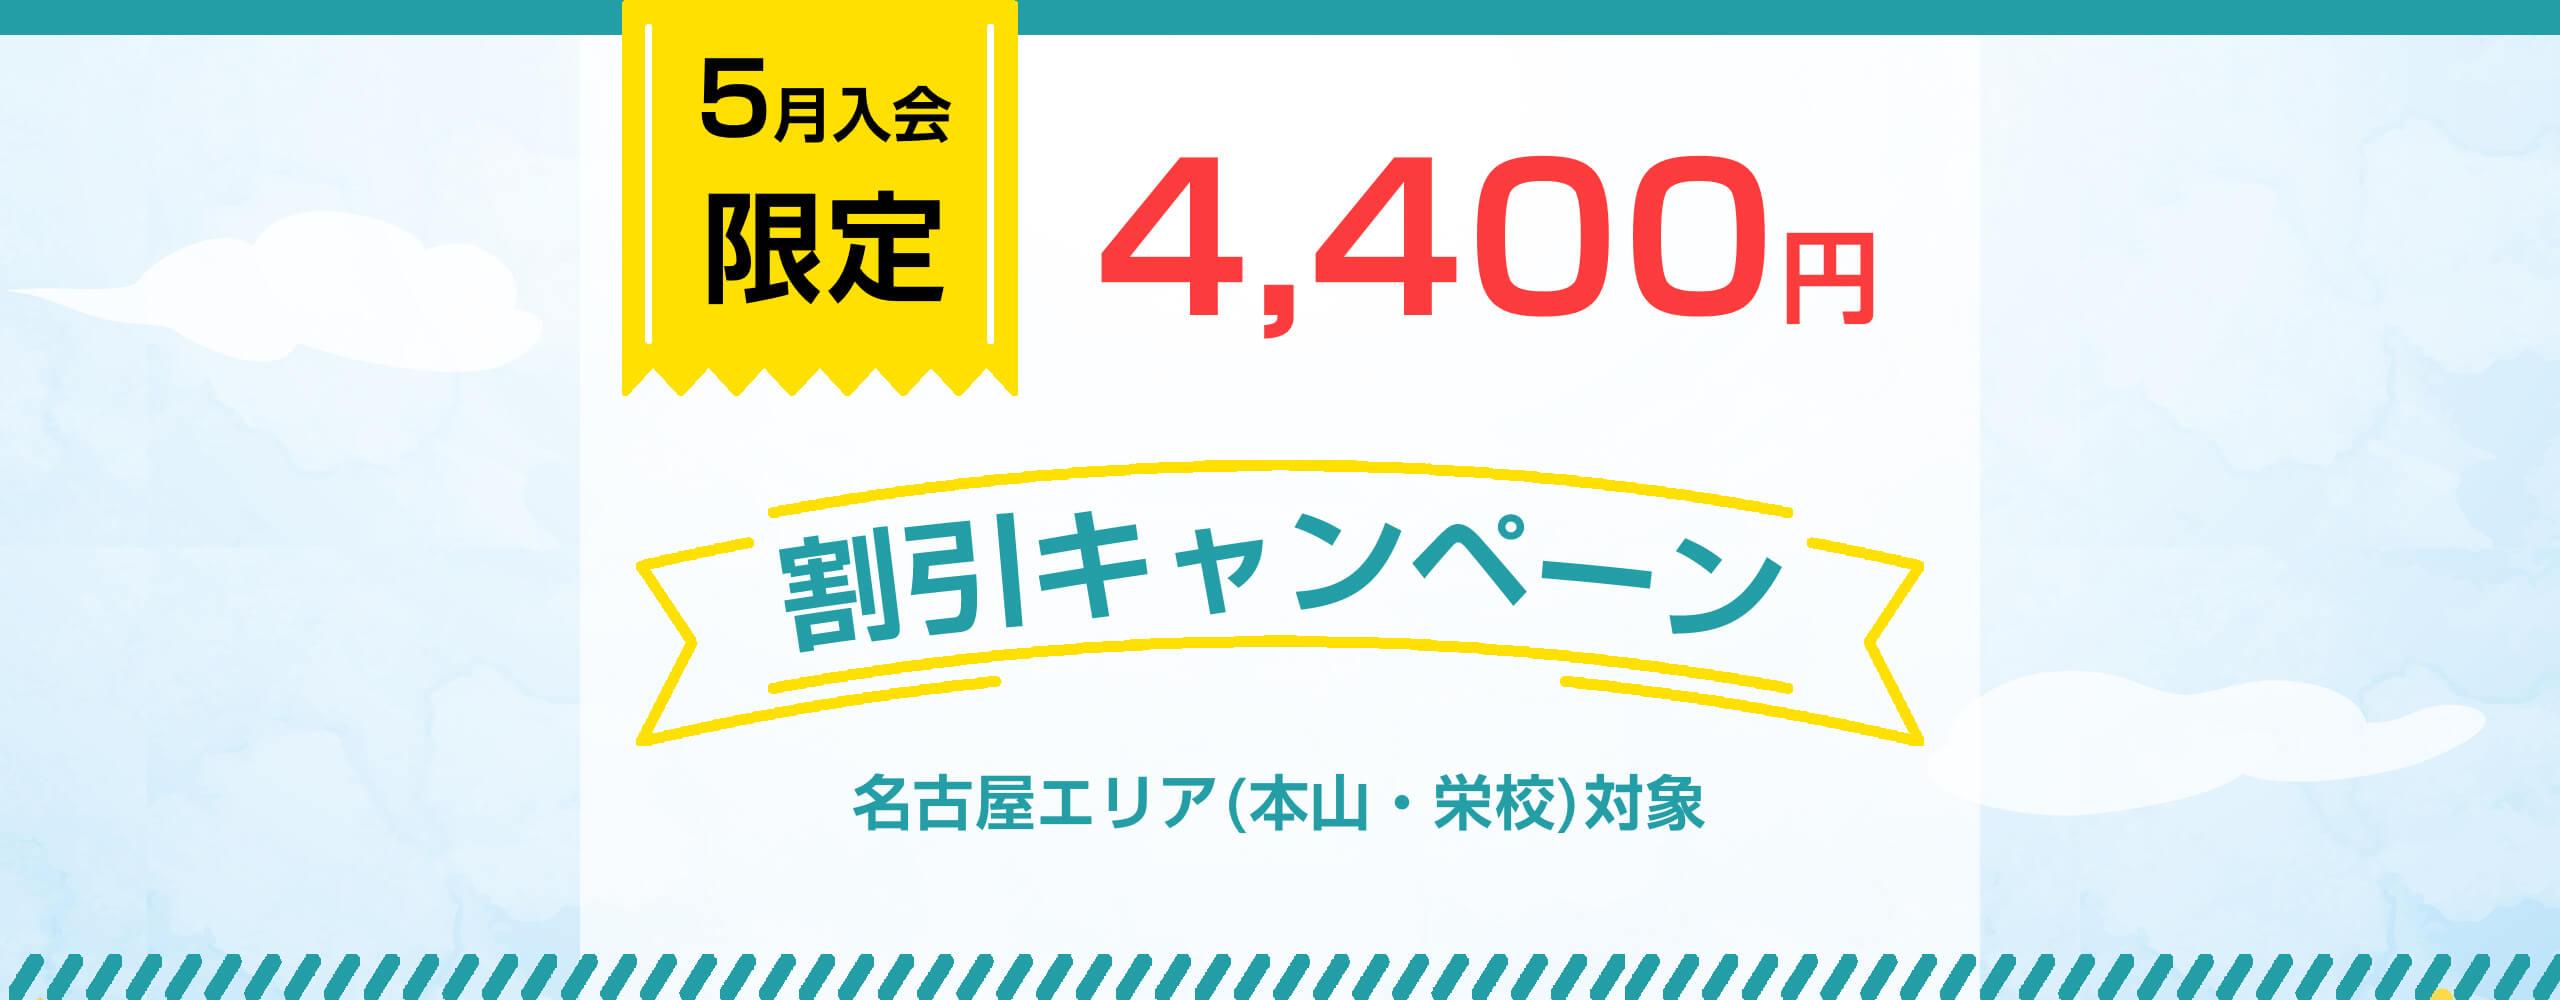 5月入会割引キャンペーン